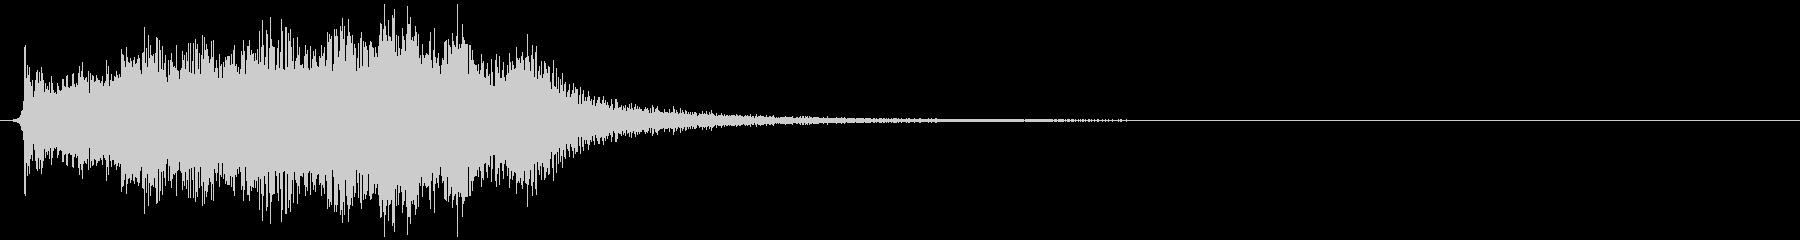 剣を抜く (金属擦れる) ジャリンの未再生の波形